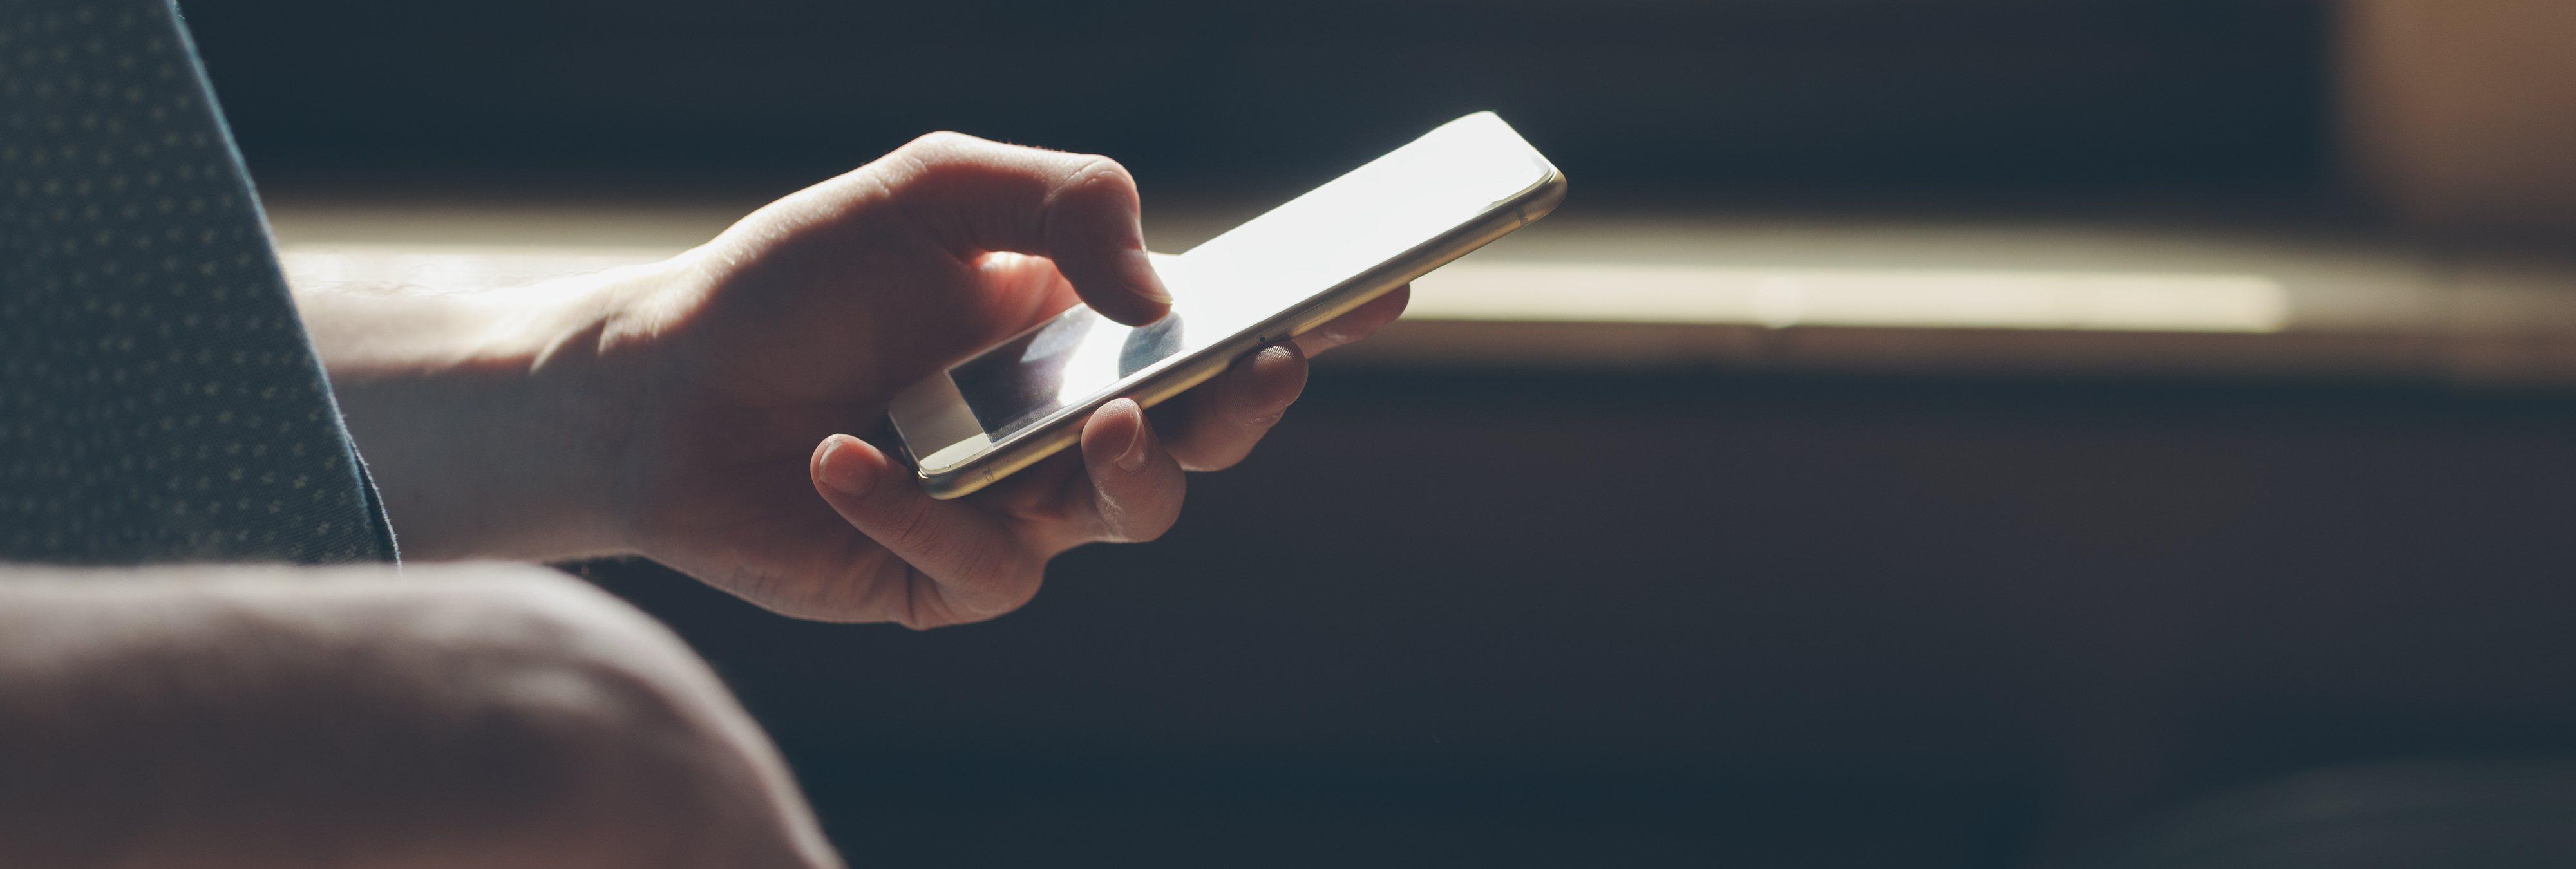 La razón psicológica por la que revisamos continuamente el móvil